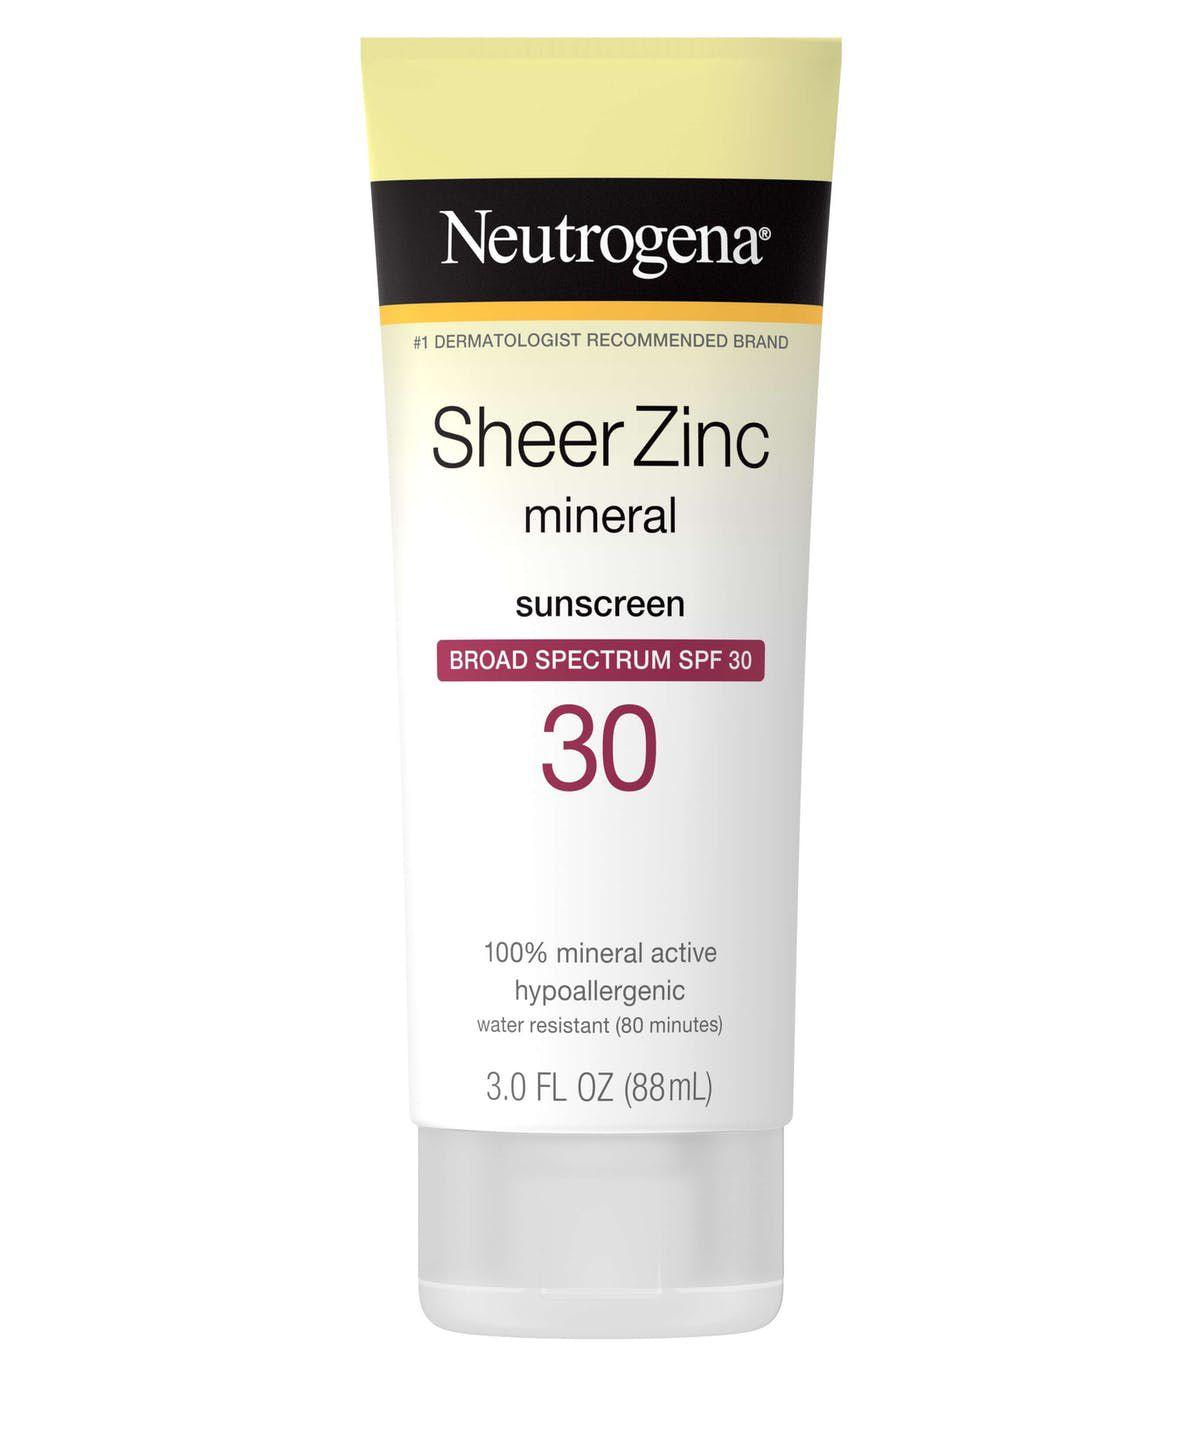 Neutrogena SheerZinc Mineral Sunscreen